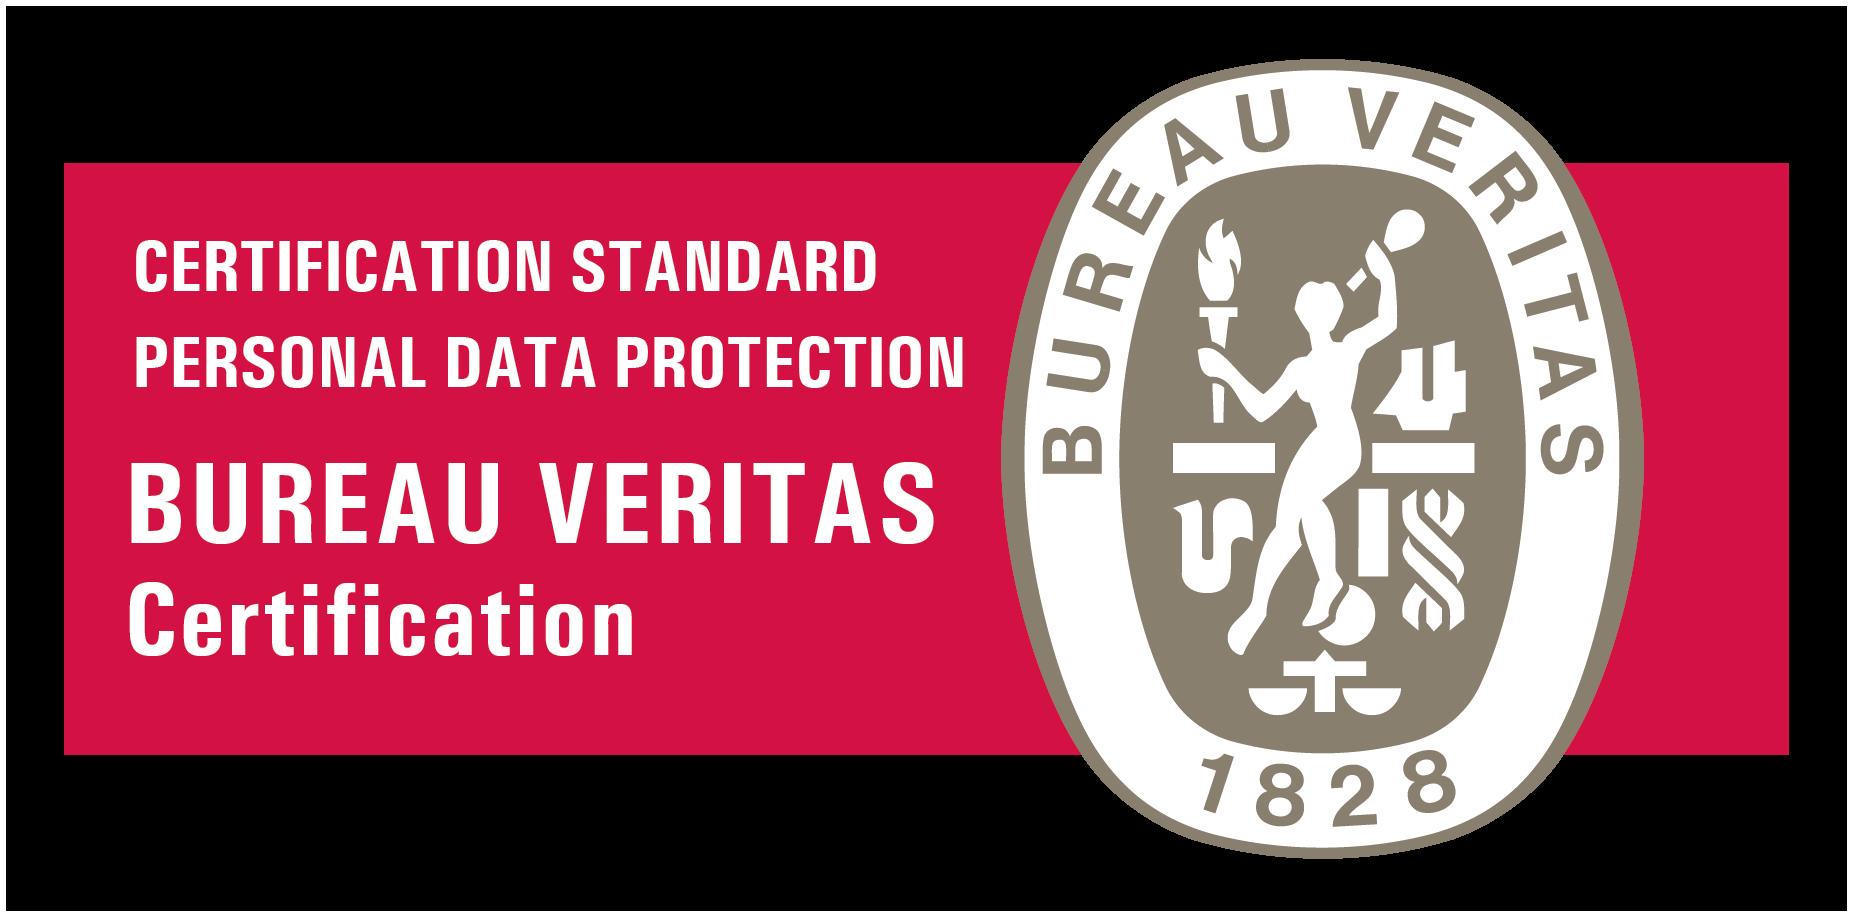 インターナショナルSOSが、世界で初めてEU一般データ保護規則(GDPR)に対応したデータ保護認証をさらに取得